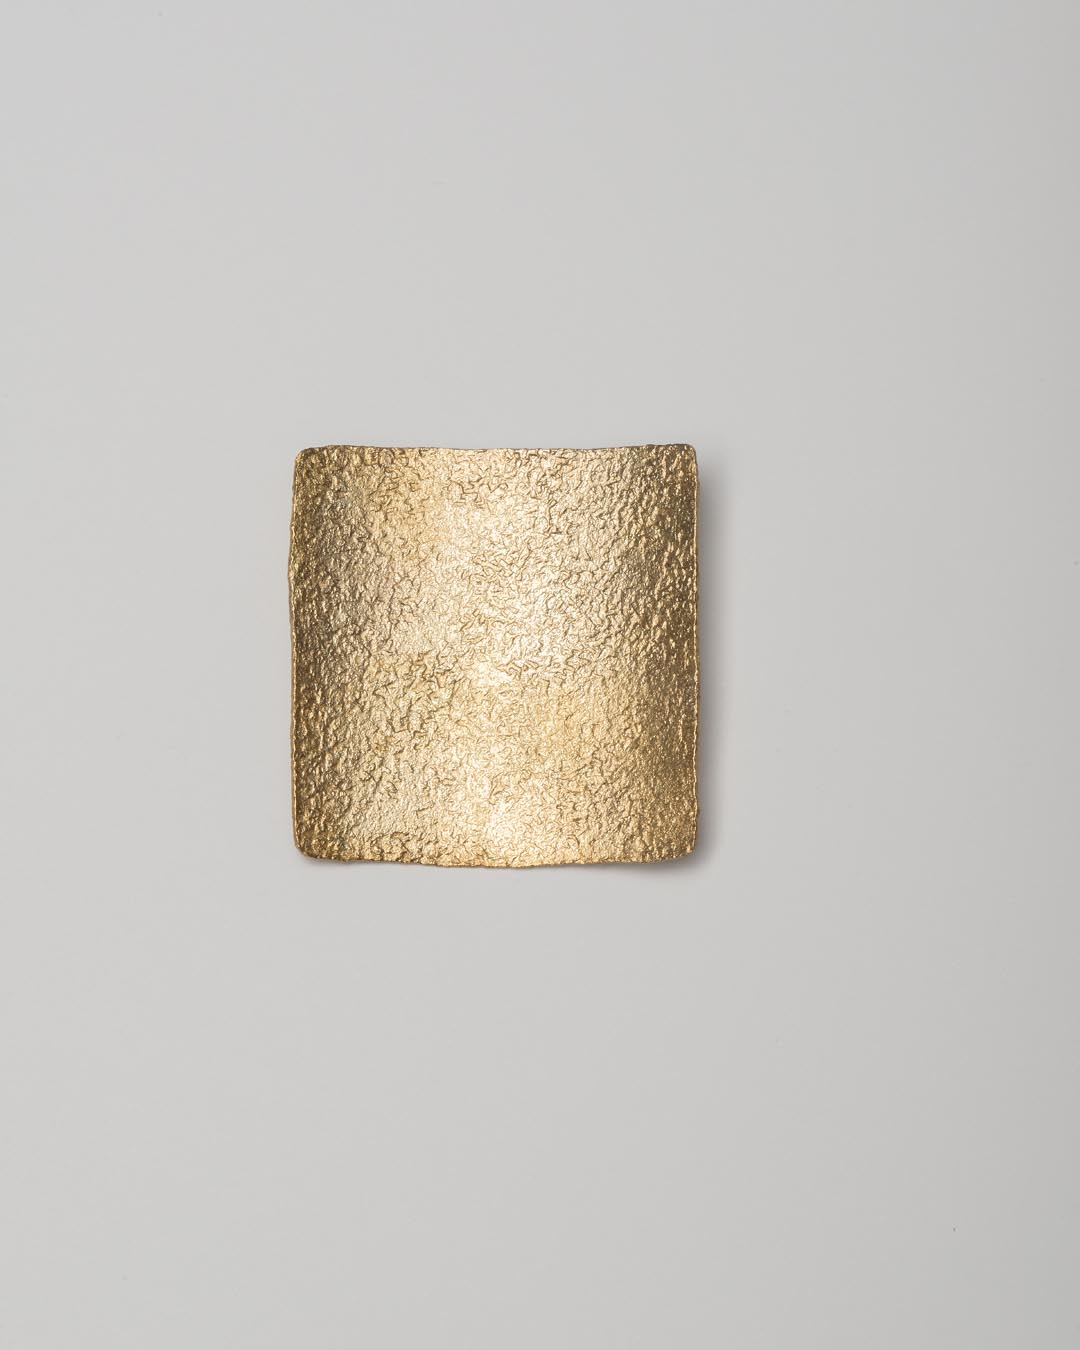 Yasuki Hiramatsu, untitled, brooch; gold-plated silver, 46 x 48 x 6 mm, €750